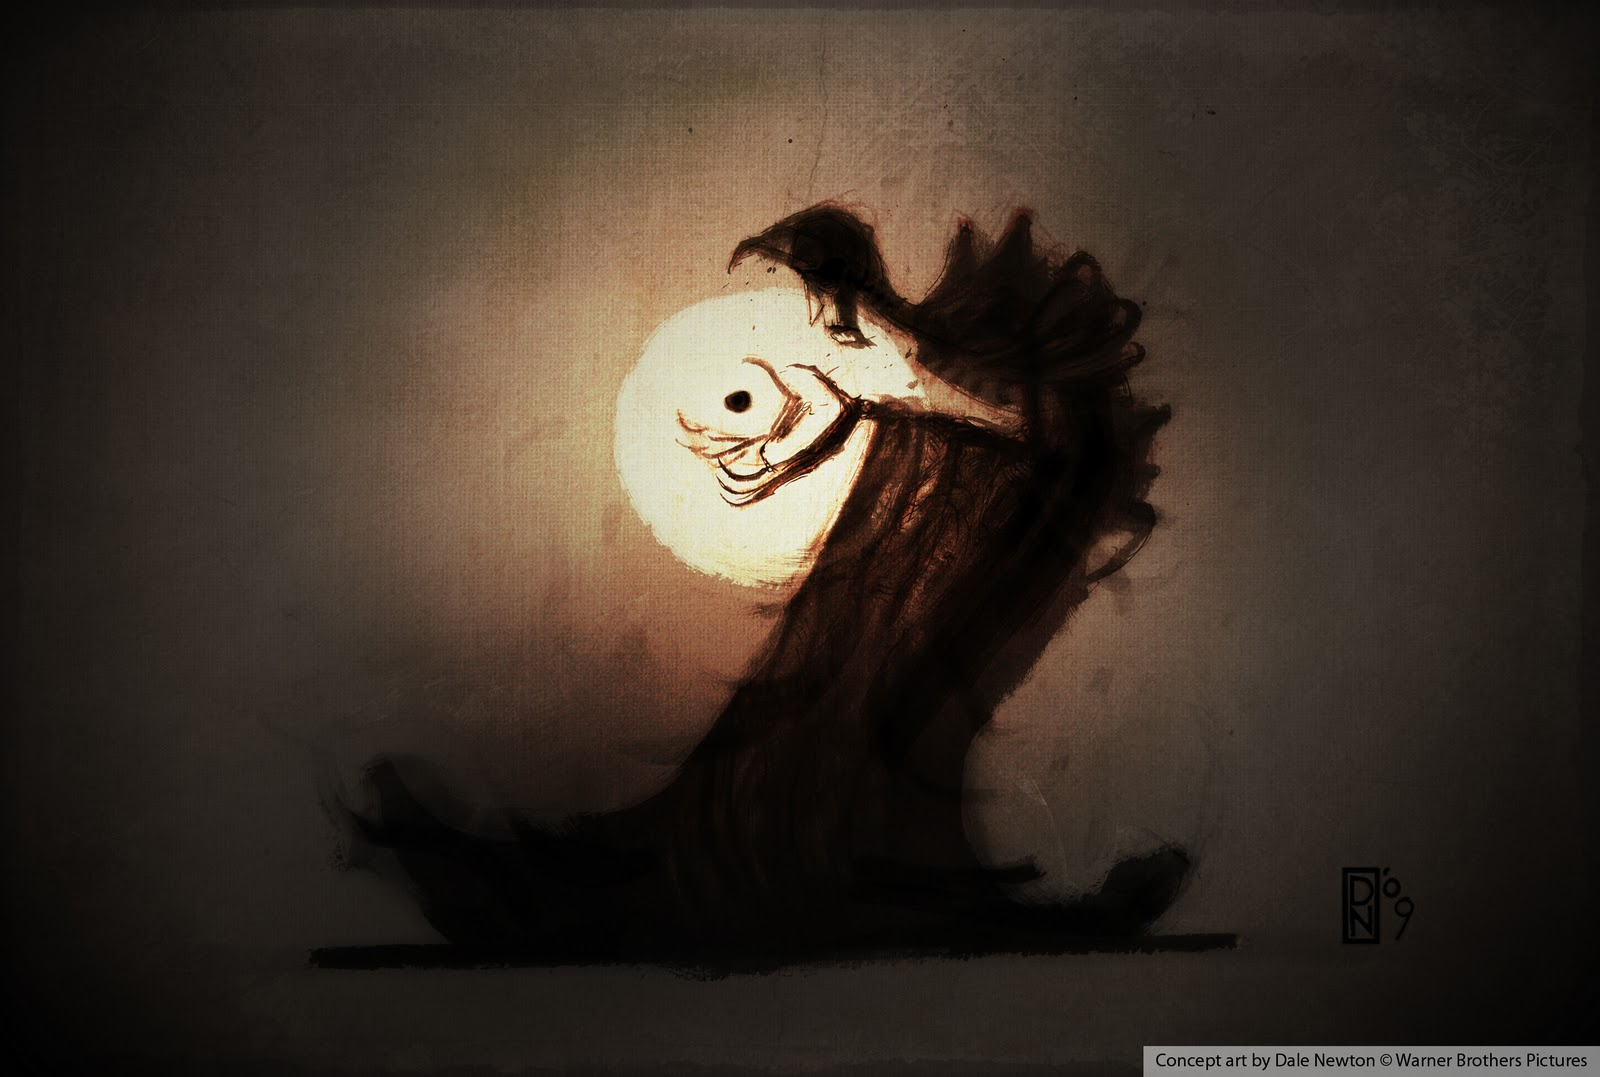 http://4.bp.blogspot.com/_9FkDxkUs0Rc/TTWl8ofxTXI/AAAAAAAAC-A/4H3uExEnEVM/s1600/death_2009_08_25_DN_01a.jpg